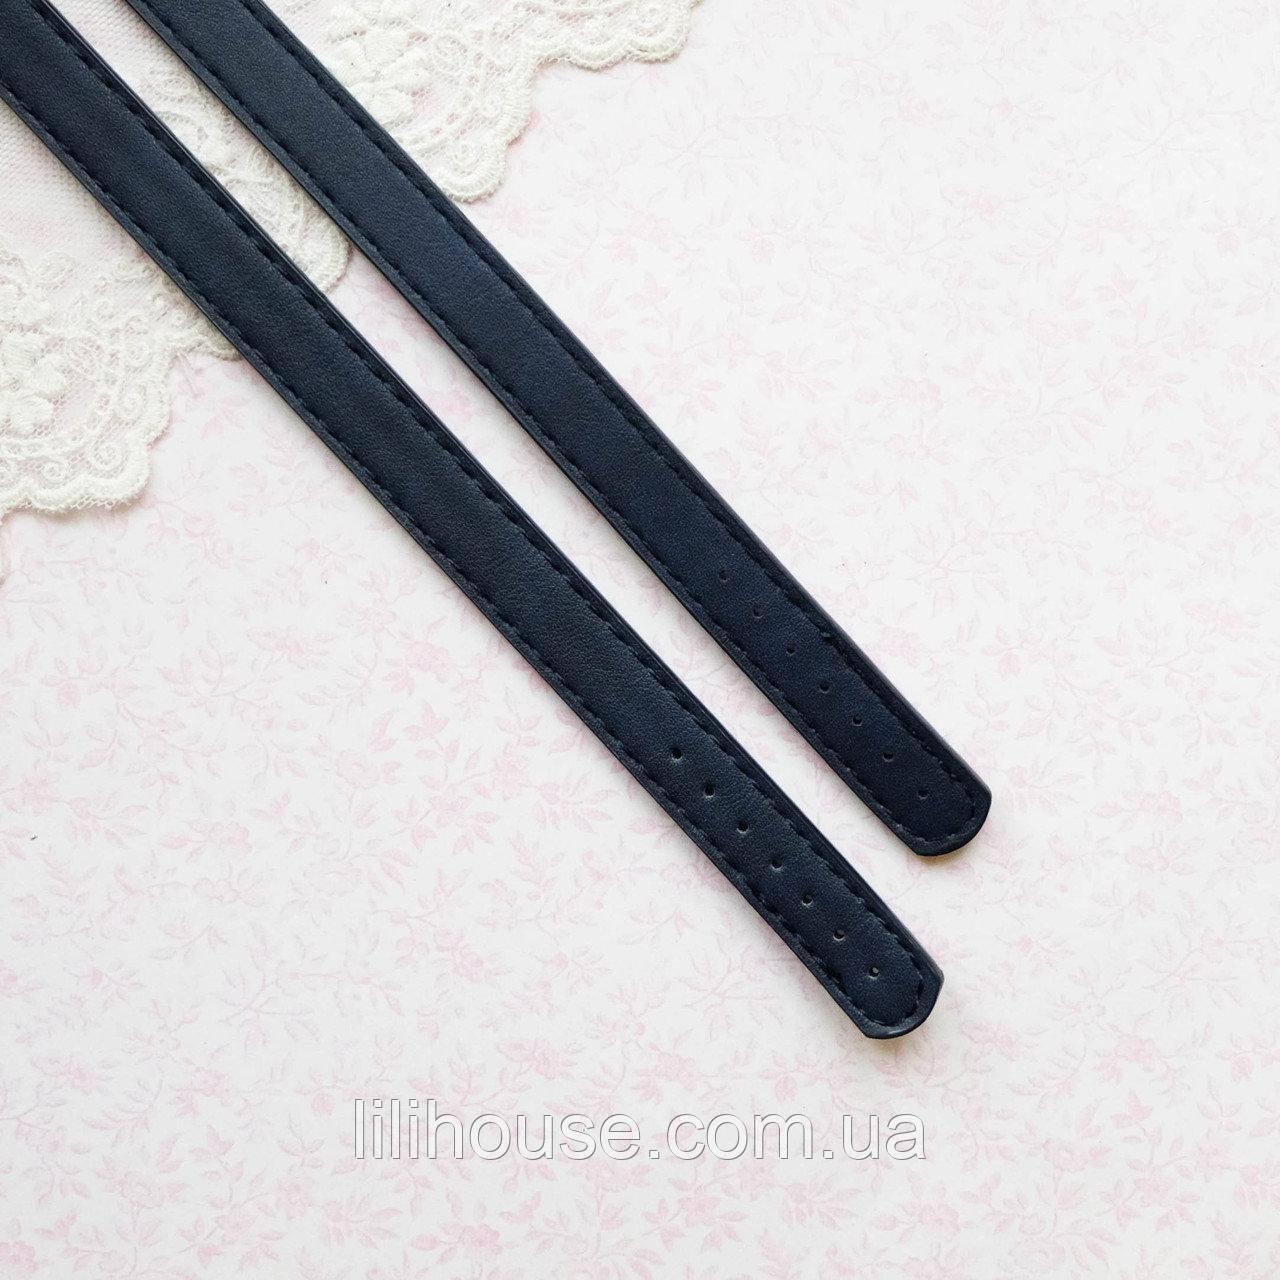 Ручки Сумки 65 см пара 1.4 см Темно-Сині